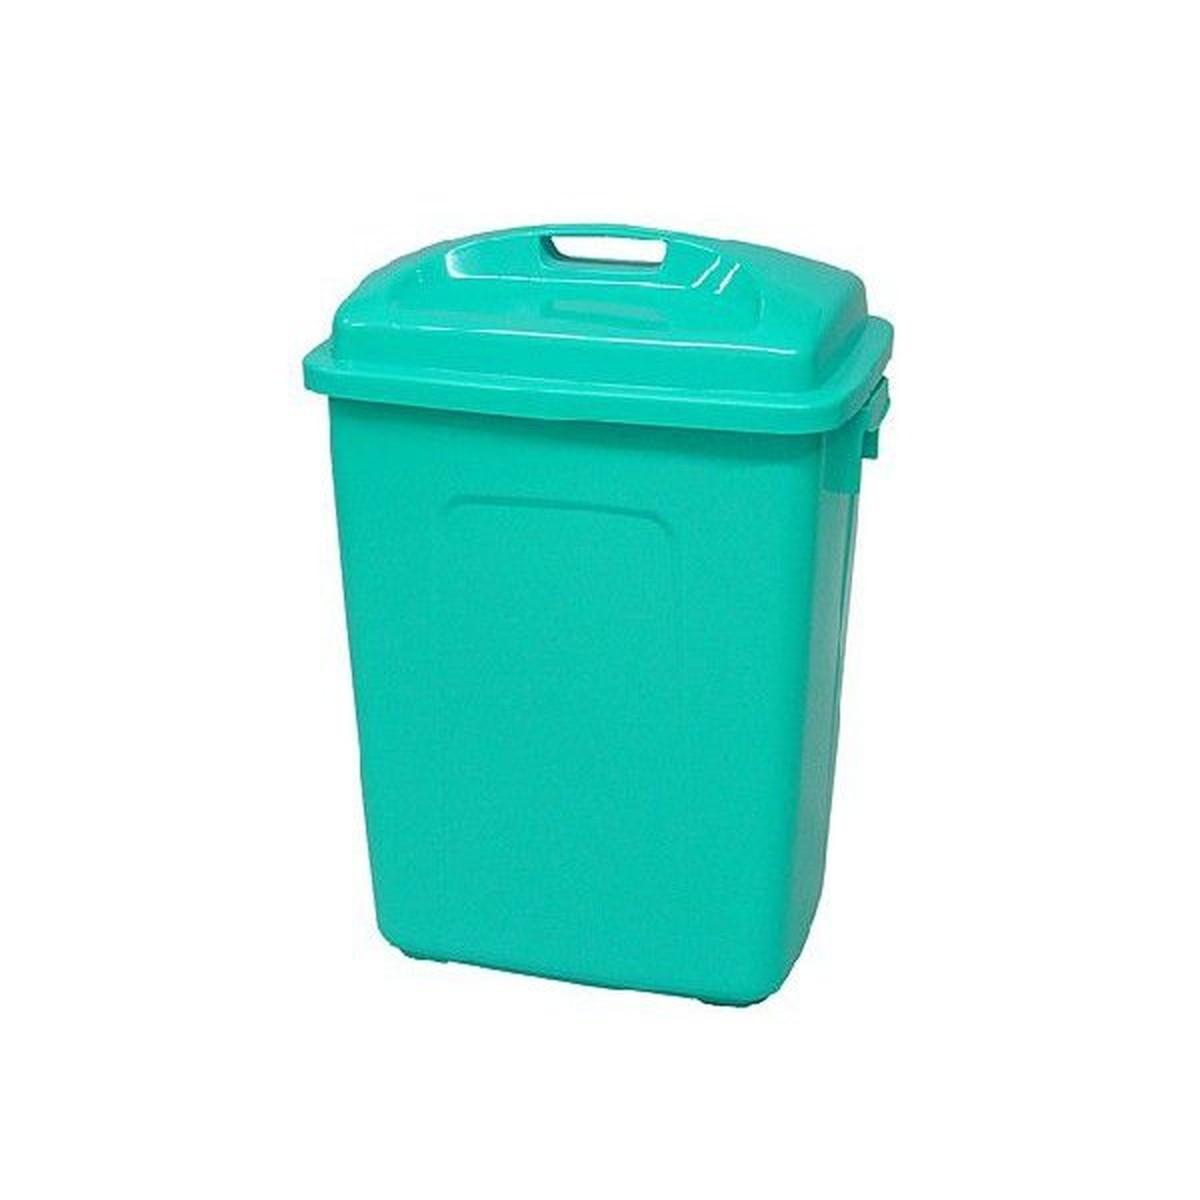 インテリア・寝具・収納, ゴミ箱  KL-60 B